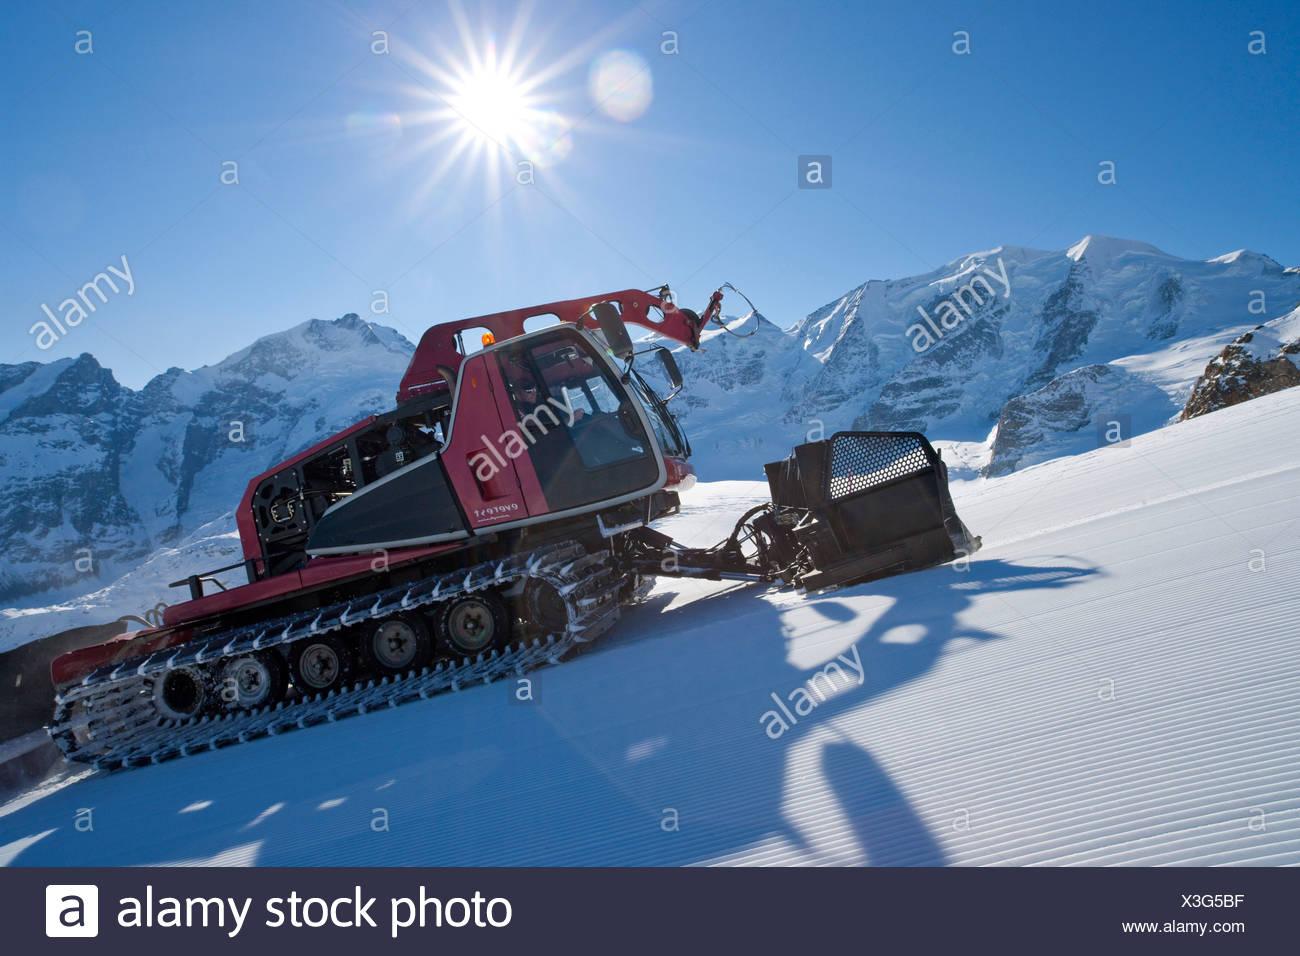 Piste, veicolo, neve goomer, Diavolezza, visualizzare il Bernina, sport invernali, Canton, GR, Grigioni, Grigioni, Engadina Engadina, Obere Immagini Stock